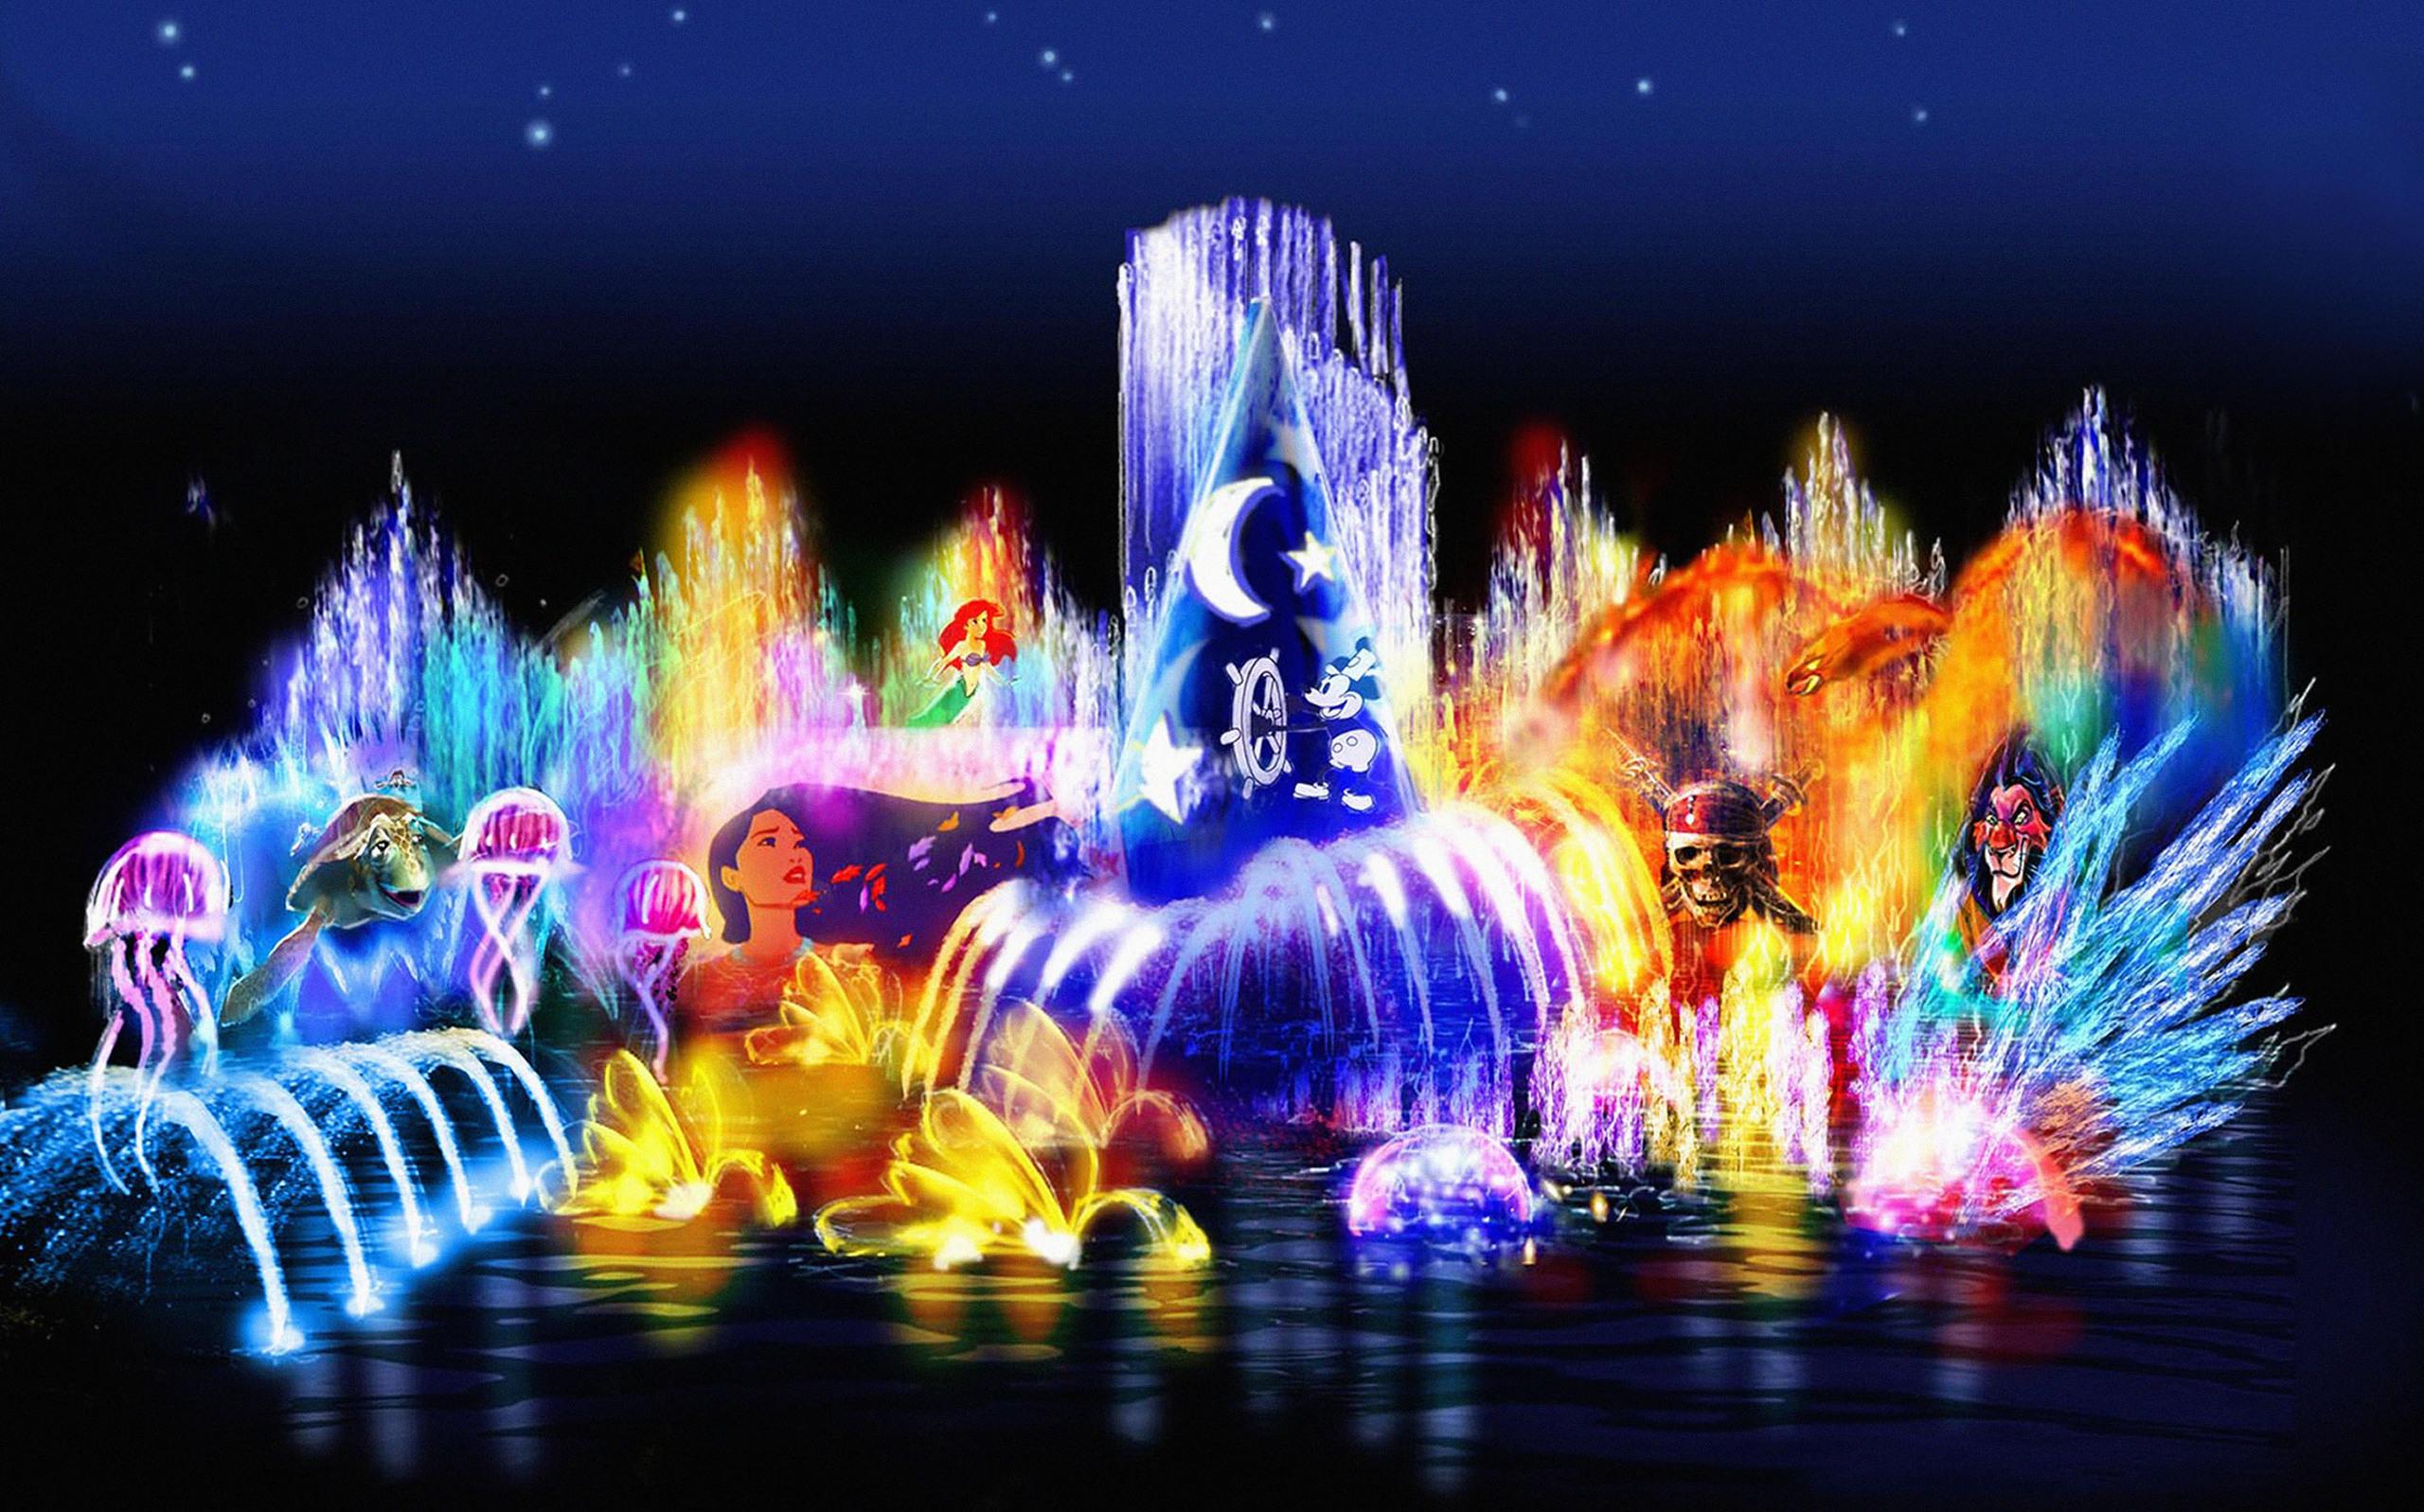 Disney Wallpaper 13902 2560x1597px